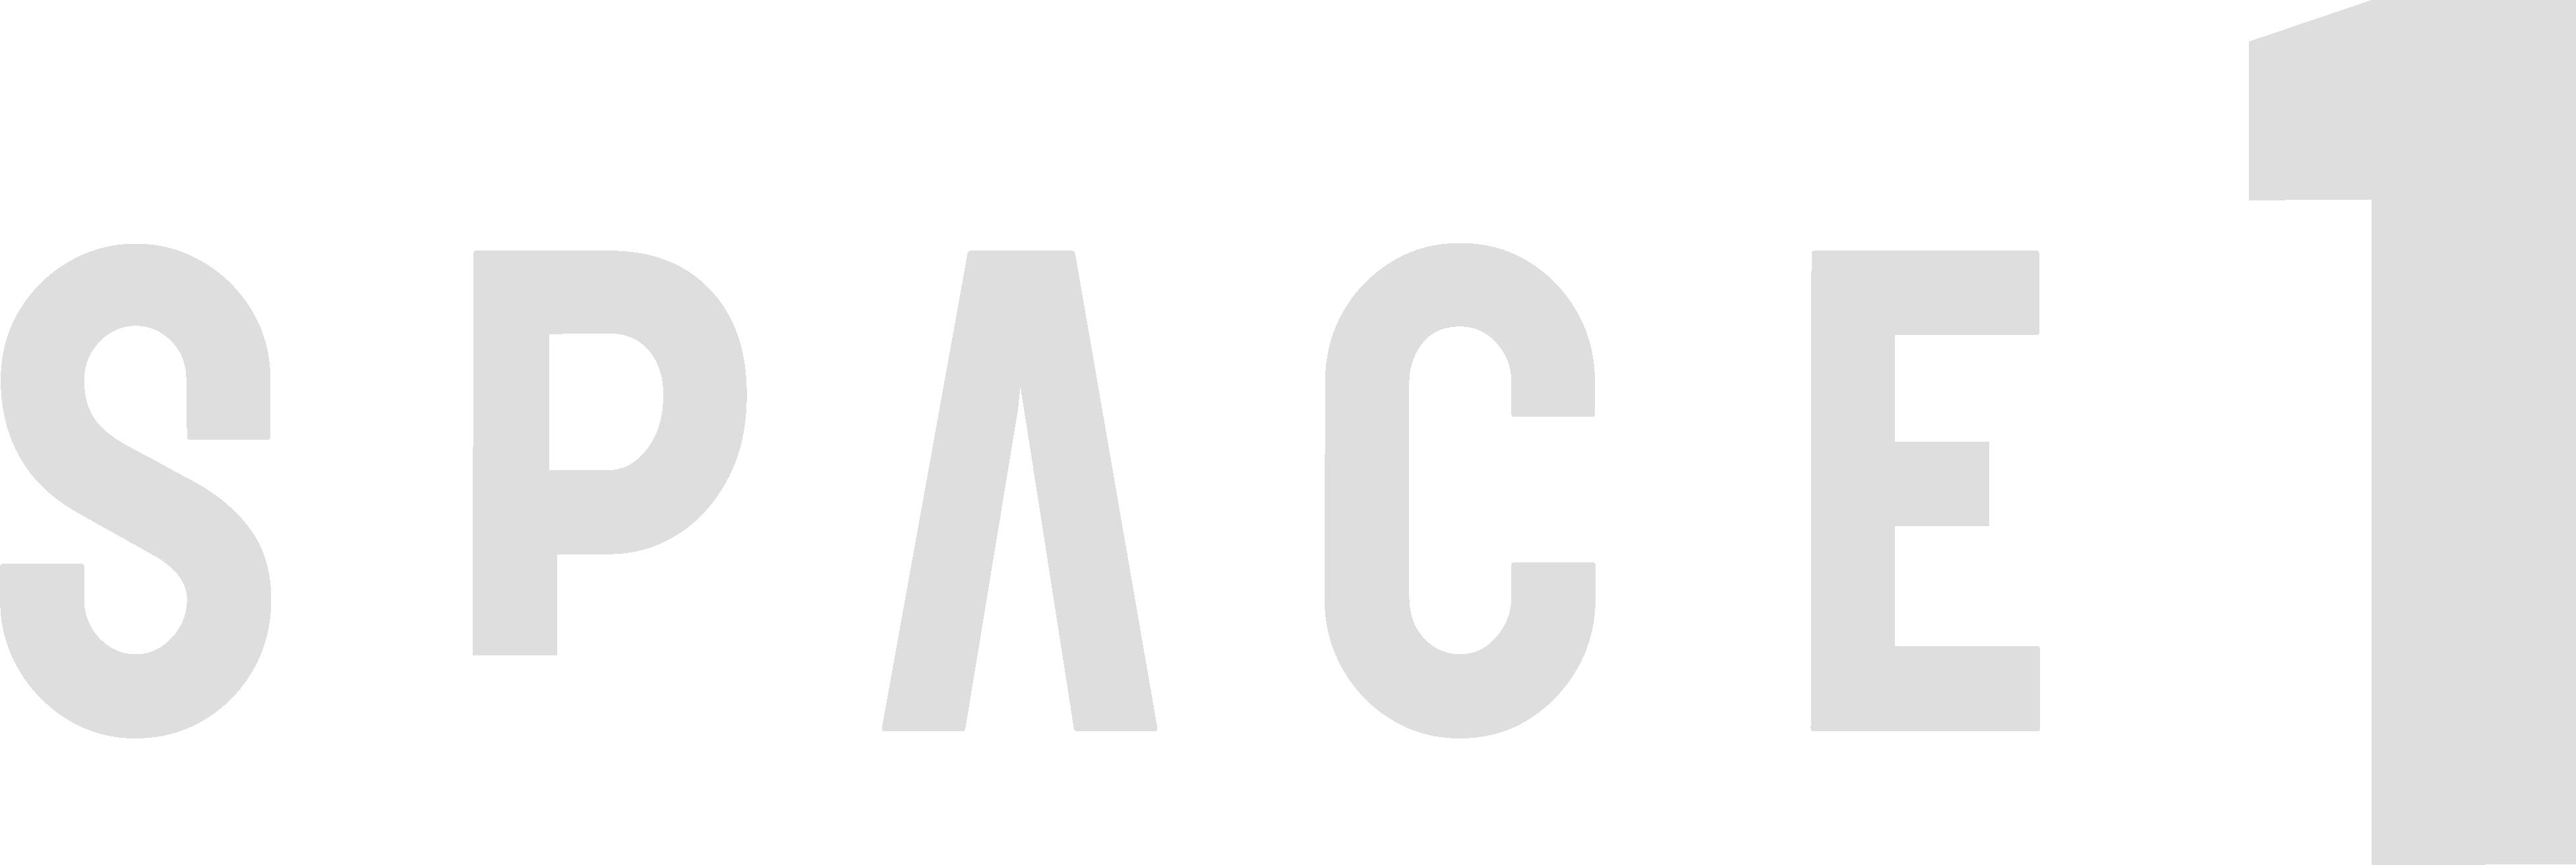 KDE | Katedra Designu TUL